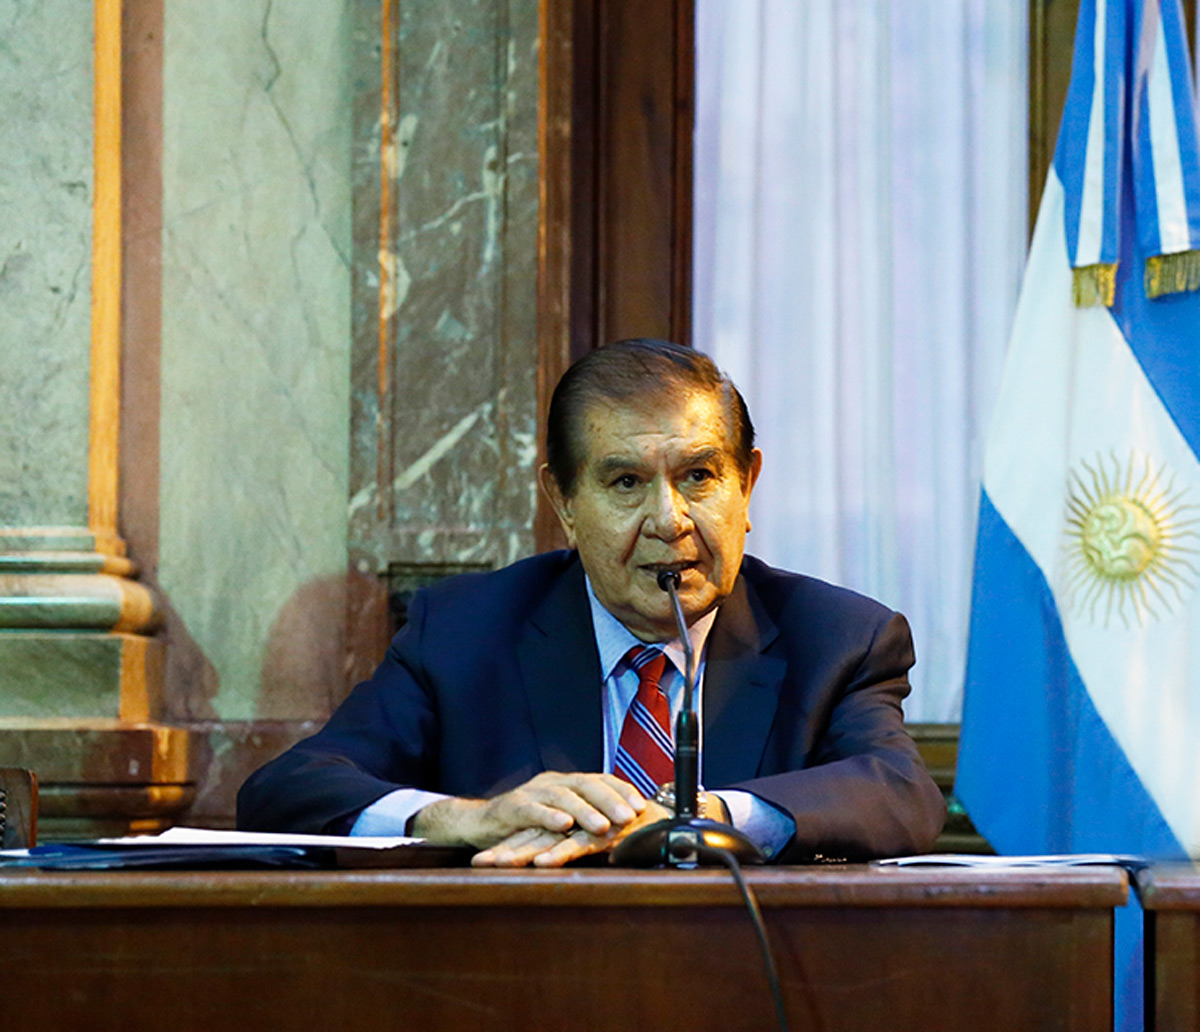 Guillermo Pereyra - Comisión de Minería, Energía y Combustibles del Senado de la Nación